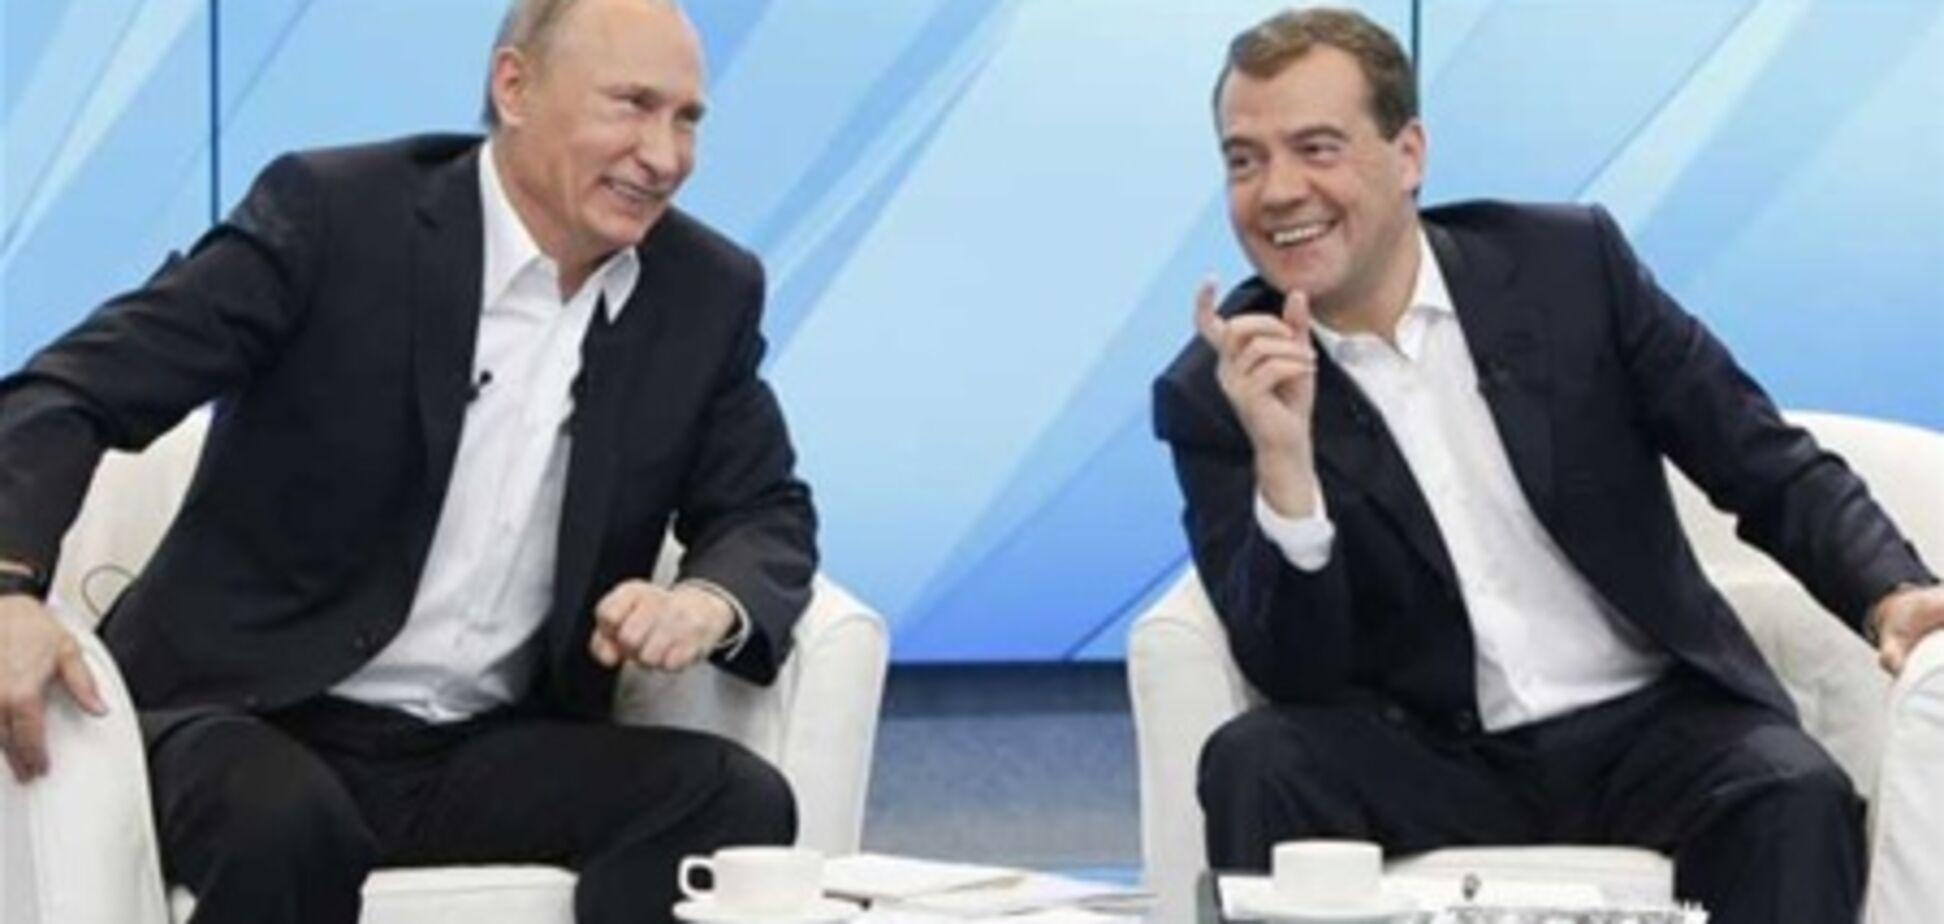 Росіяни вважають, що Путін і Медведєв - головна еліта країни